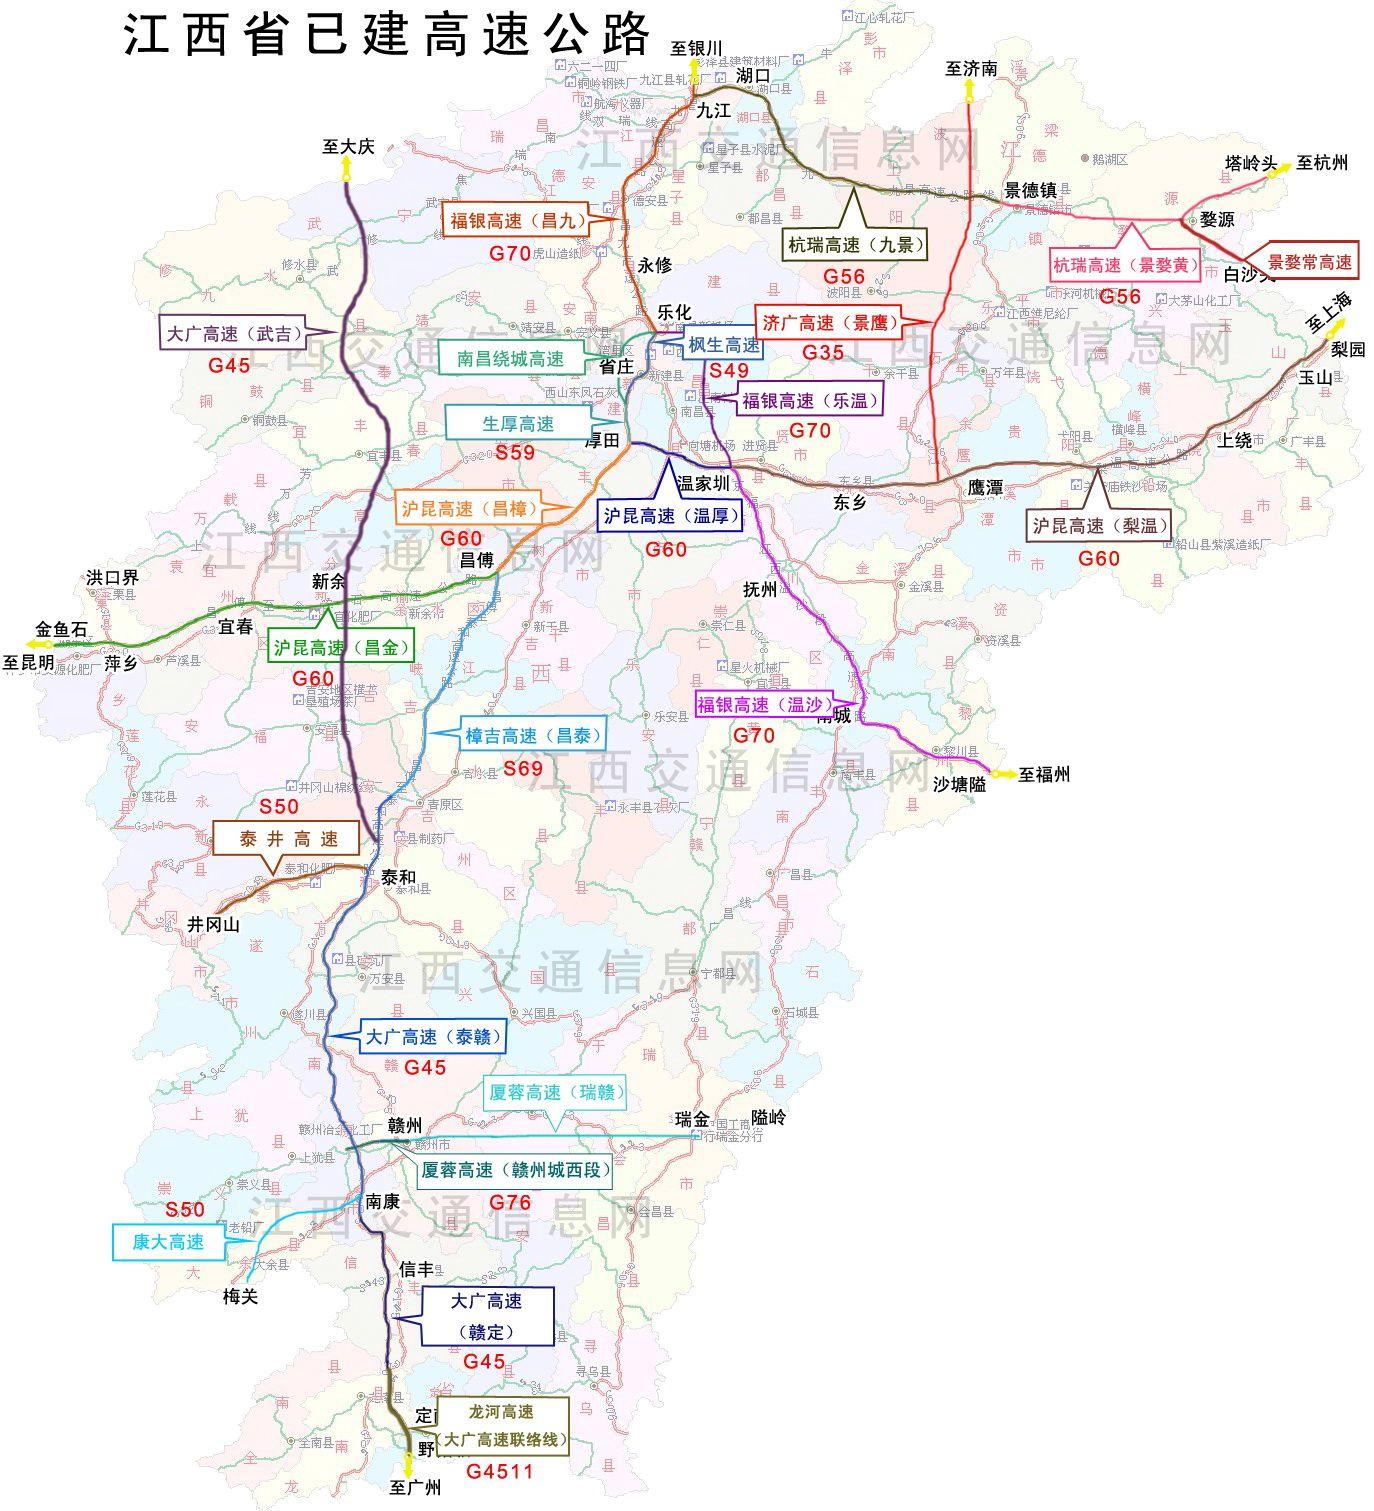 江西省已建高速公路图 - 高速地图 - 高速网新闻